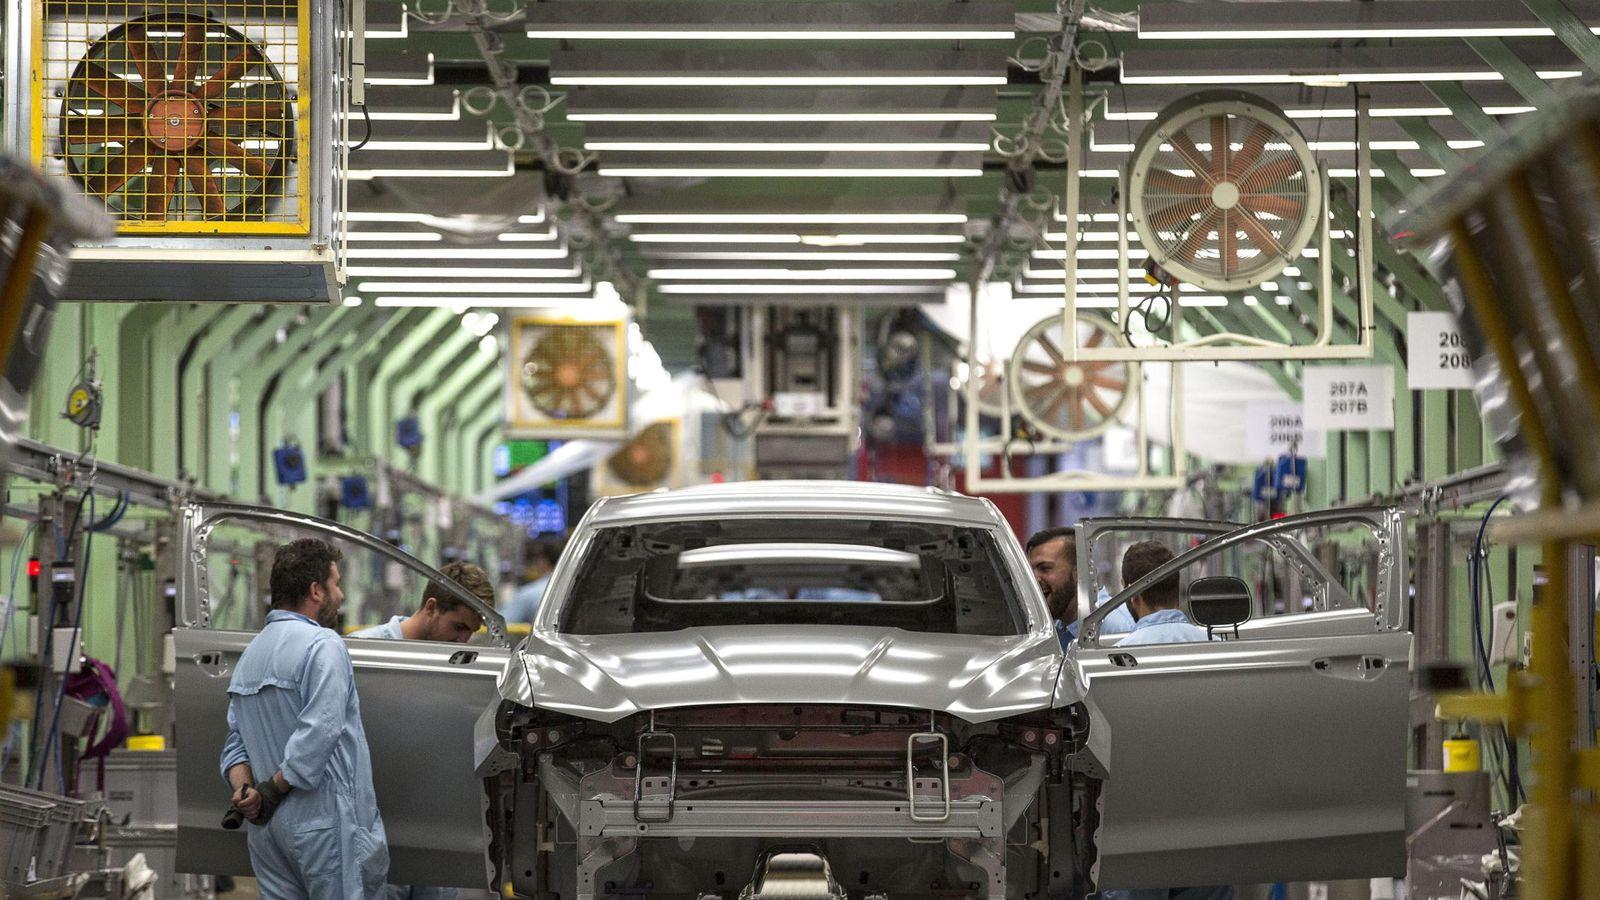 Foto: Trabajadores revisan una carrocería en la cadena de montaje de Almussafes. (EFE)